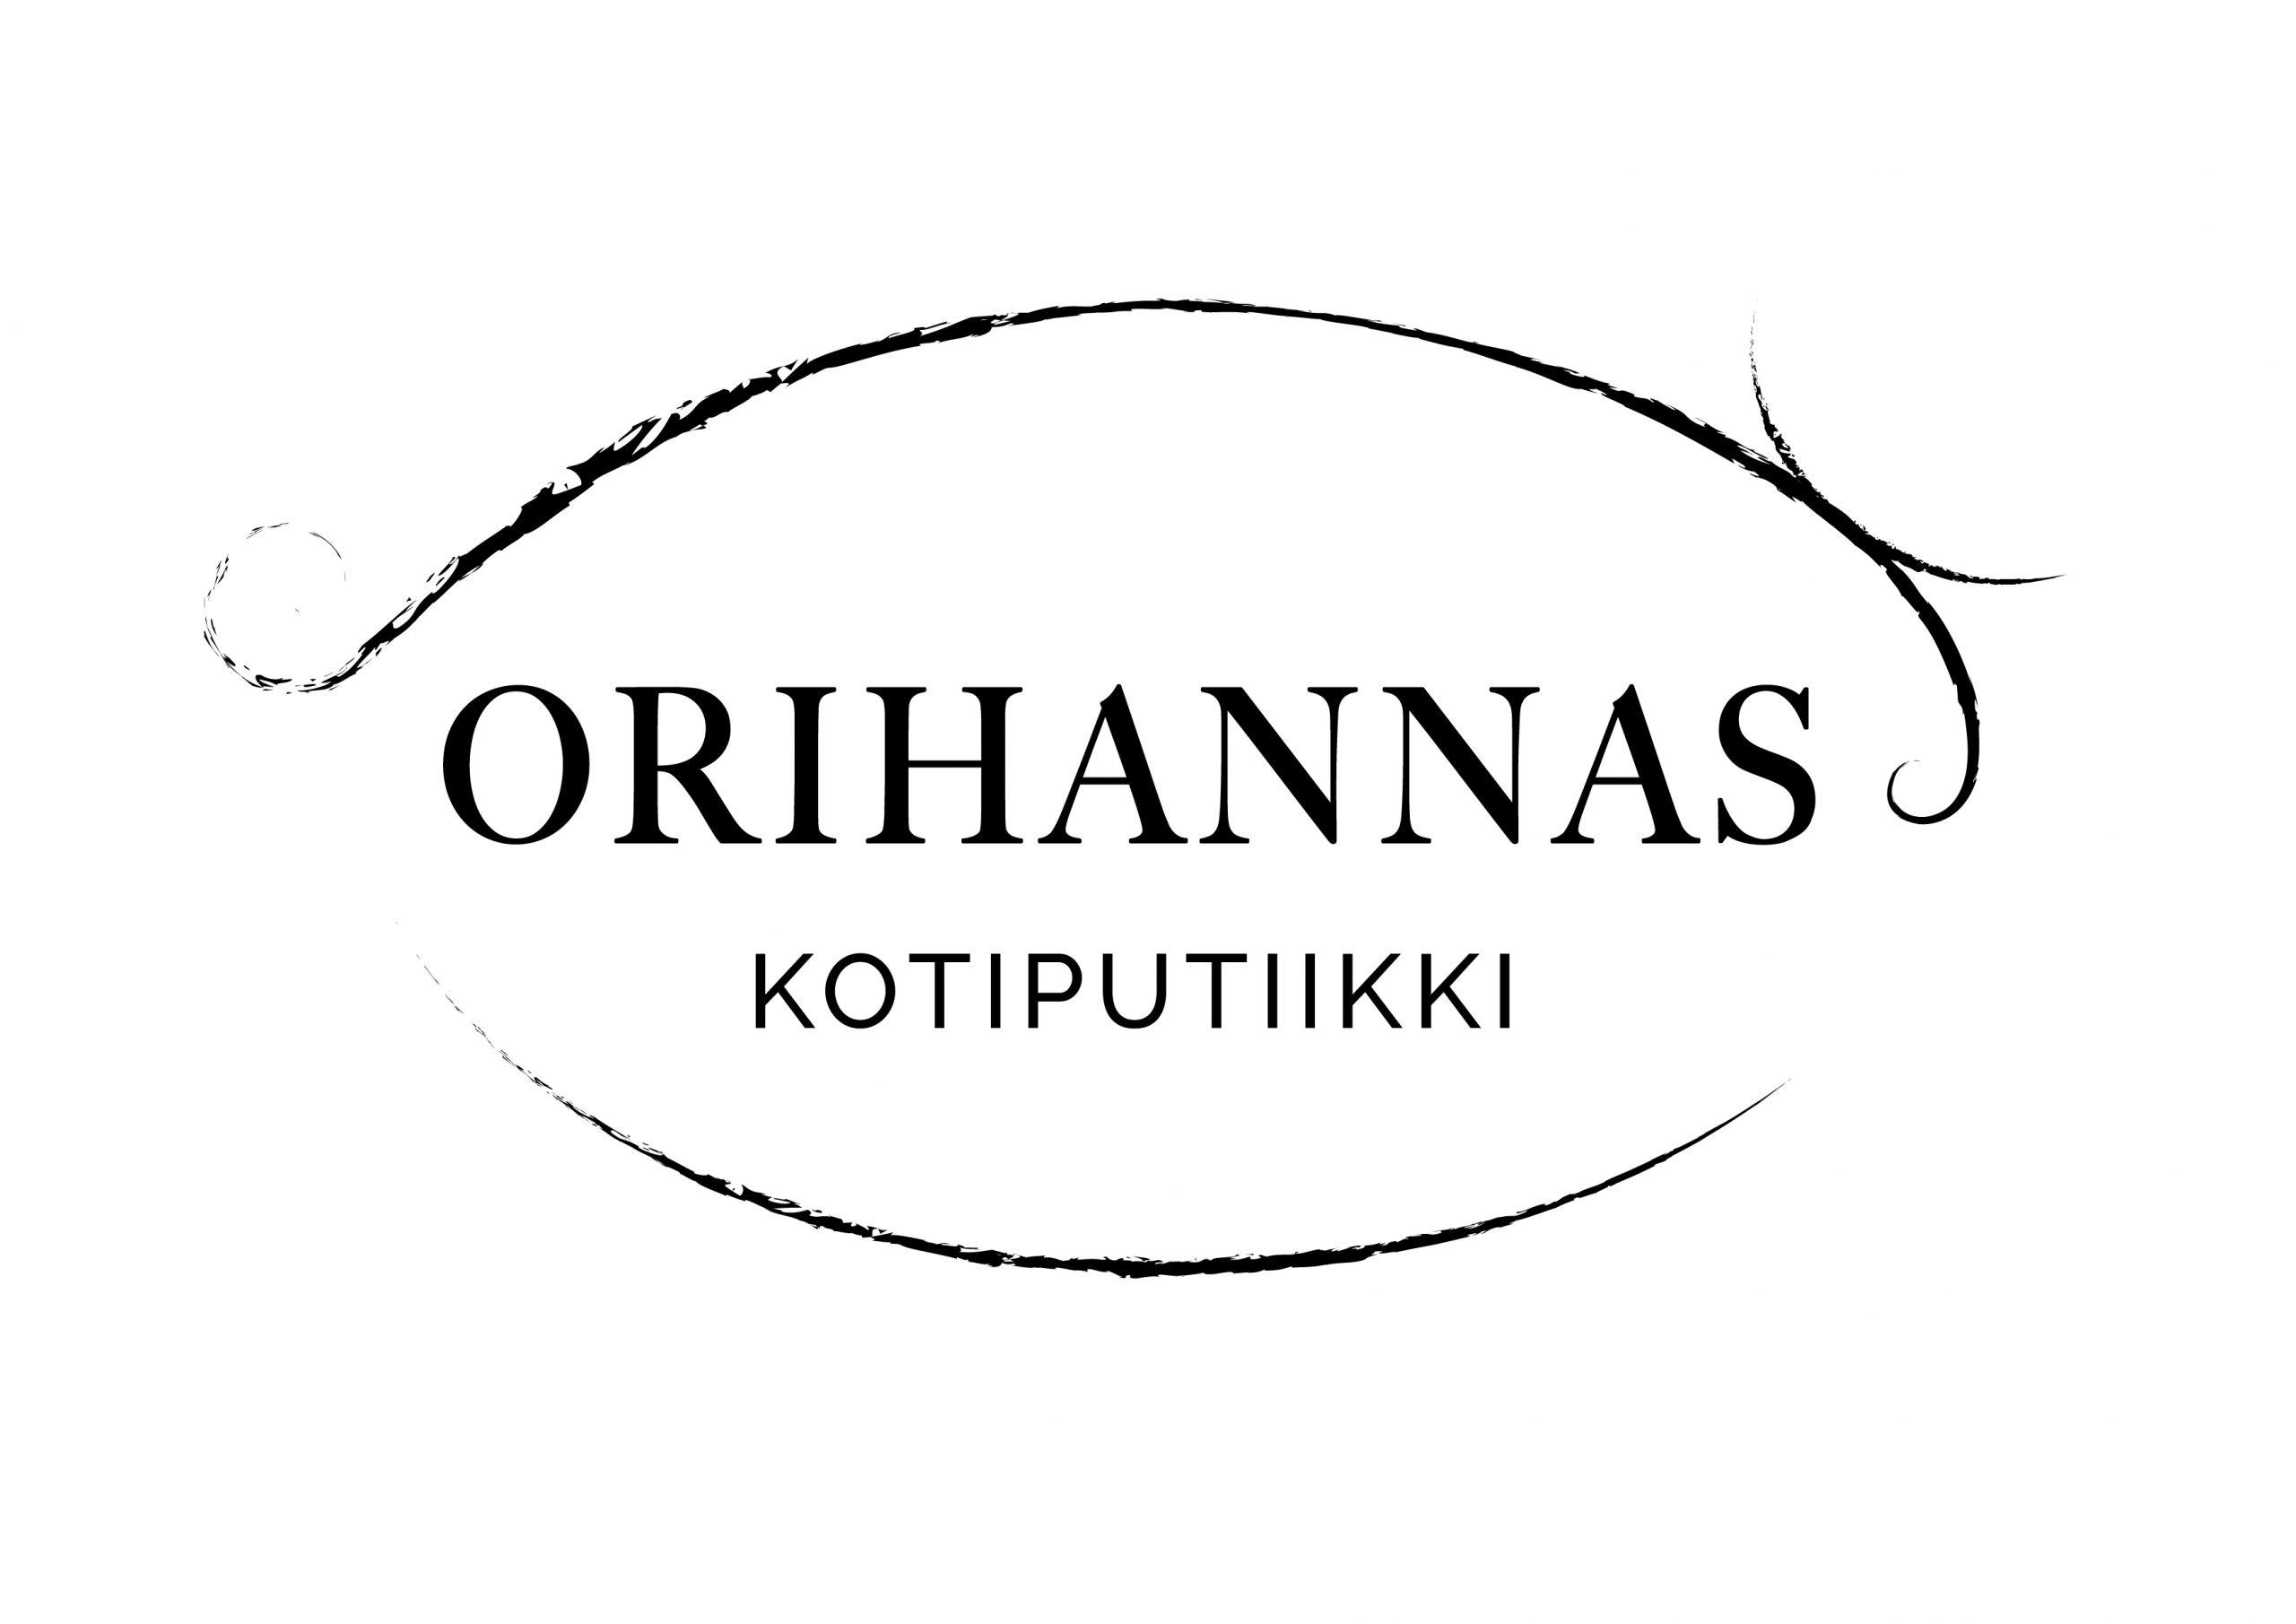 Kotiputiikki Orihannas